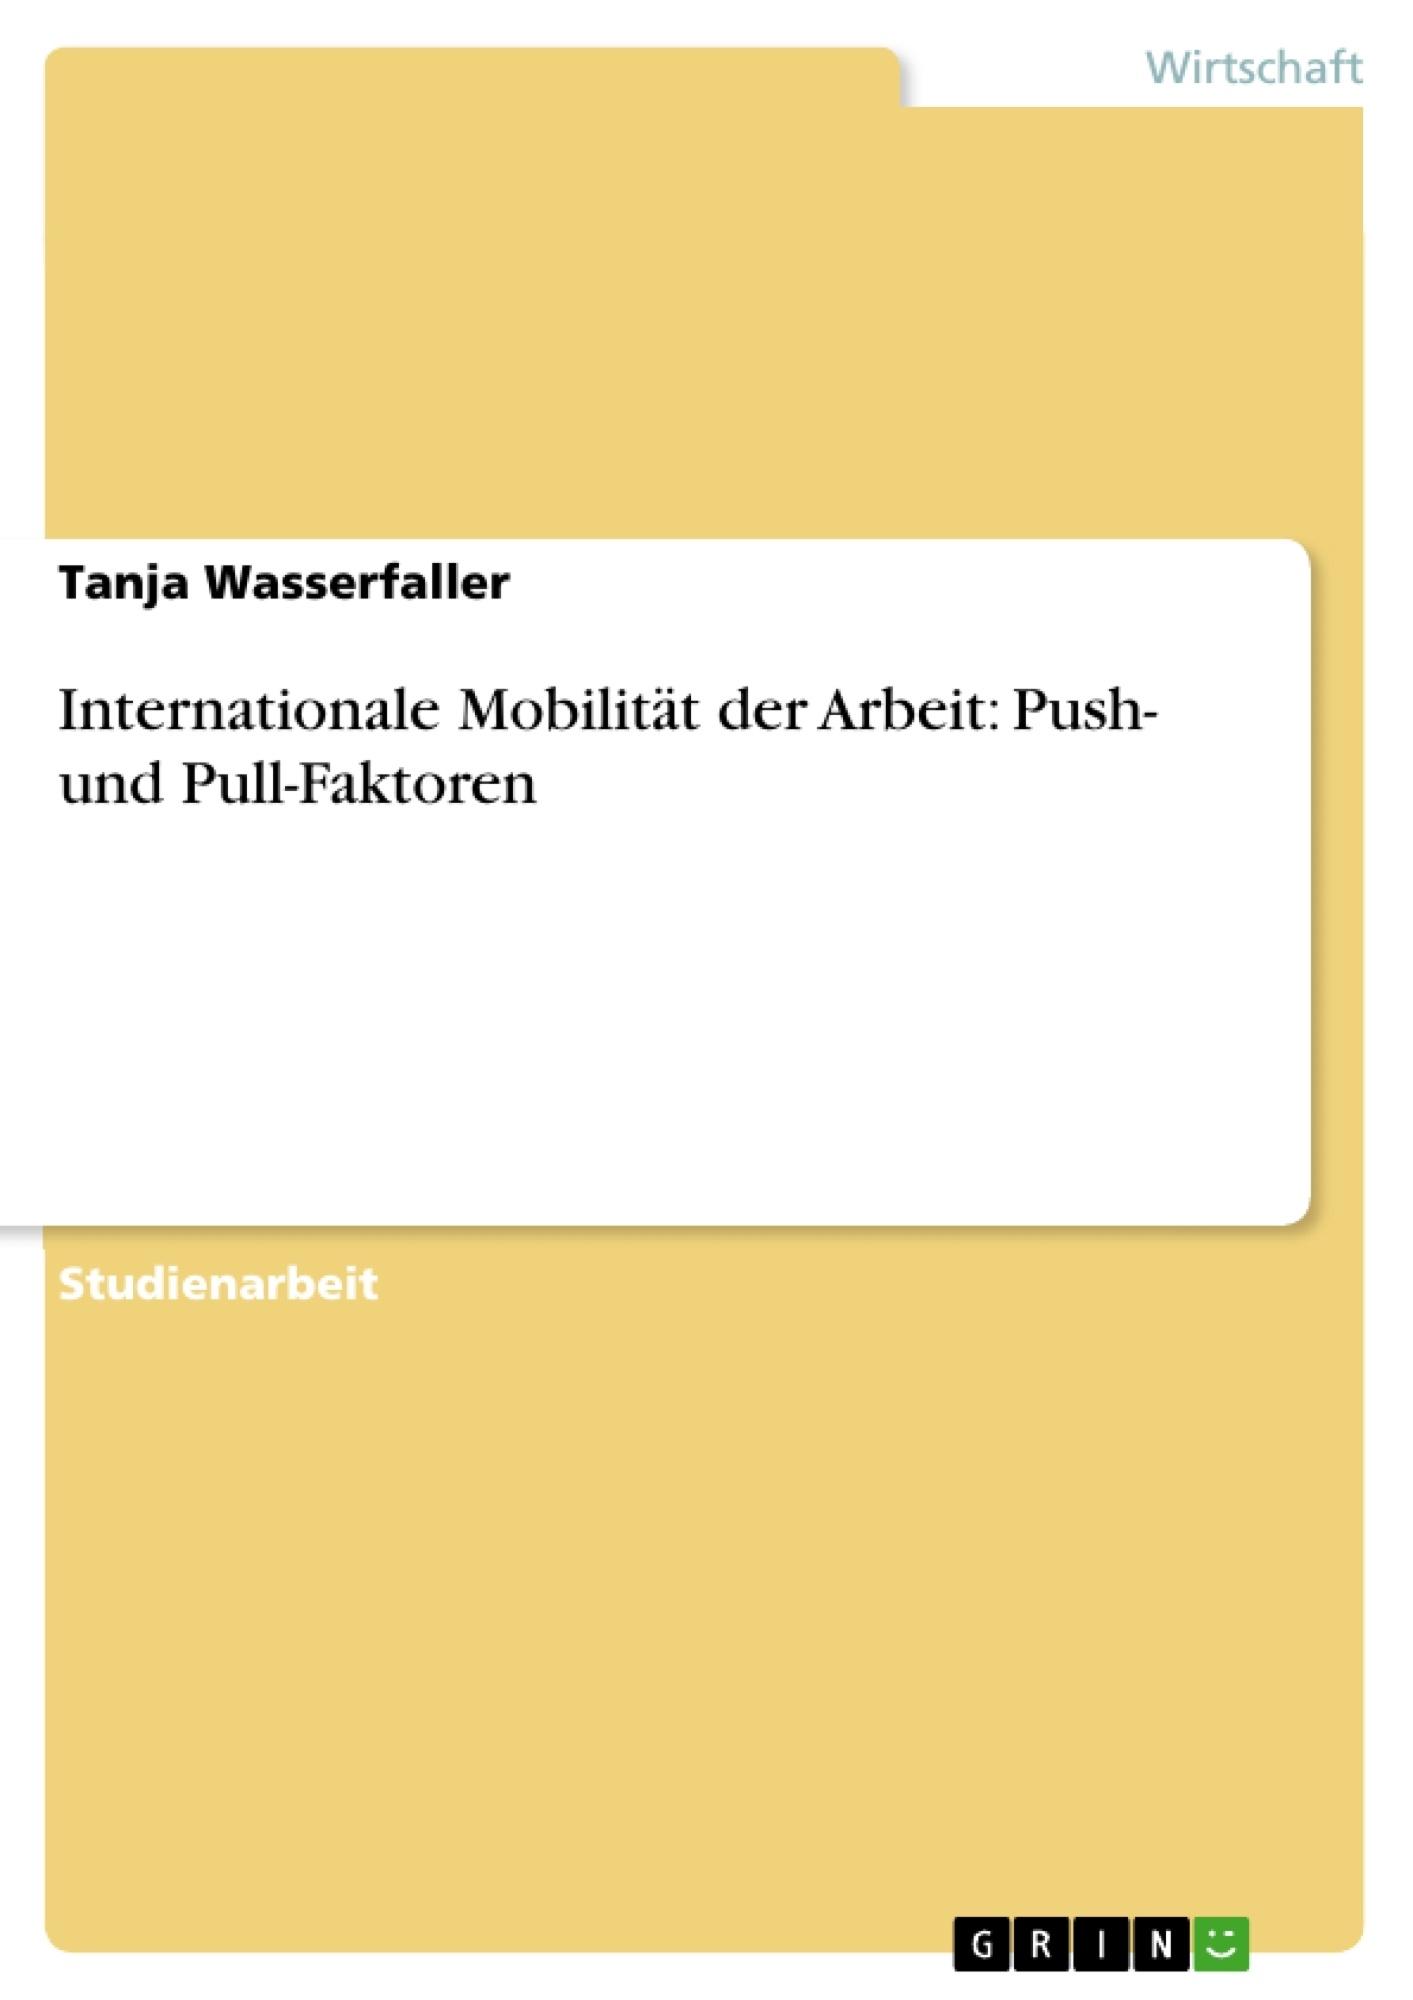 Titel: Internationale Mobilität der Arbeit: Push- und Pull-Faktoren